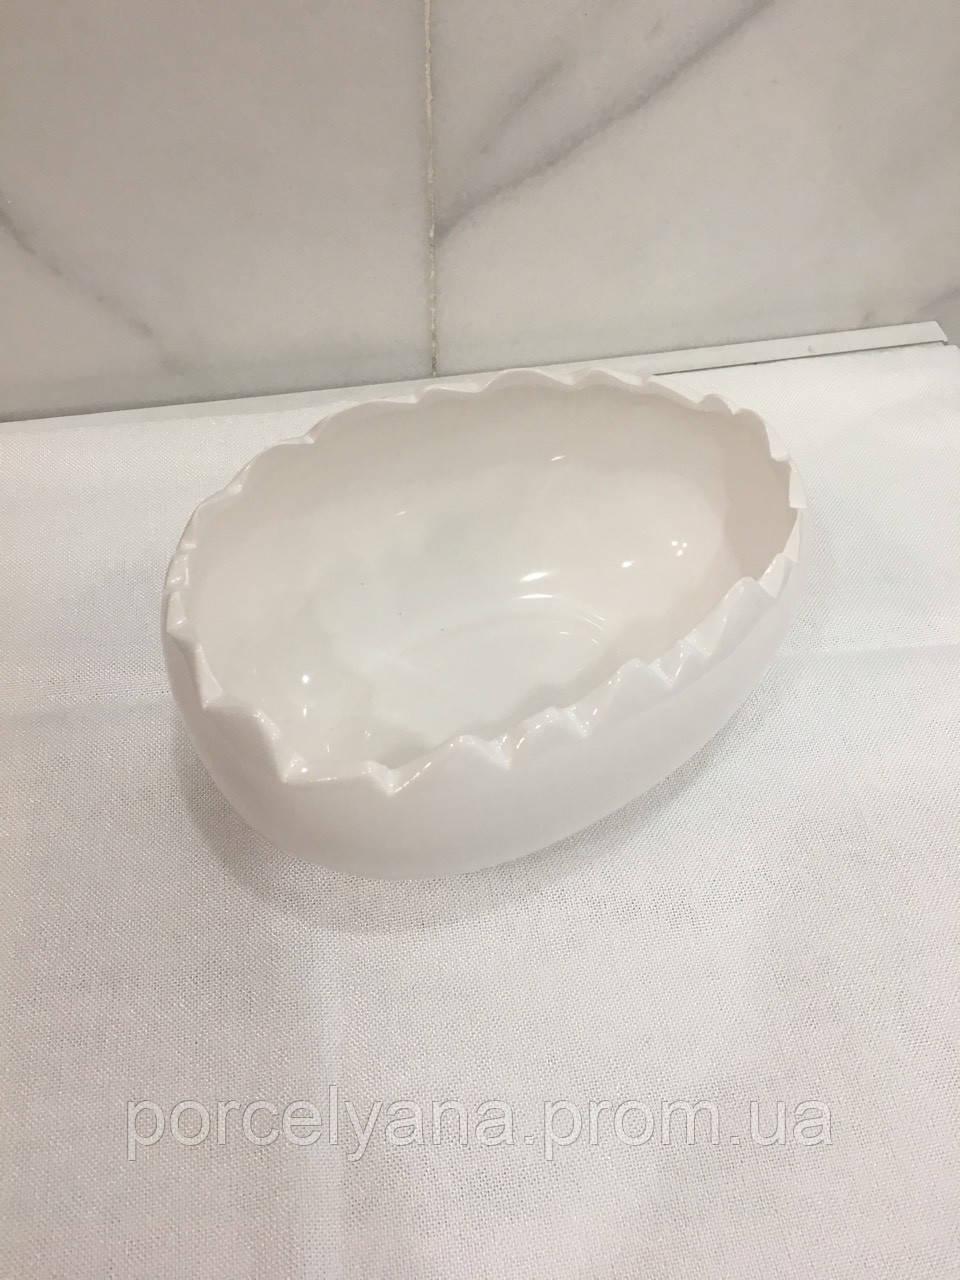 Керамическая салатница скорлупа 23 см Ewax